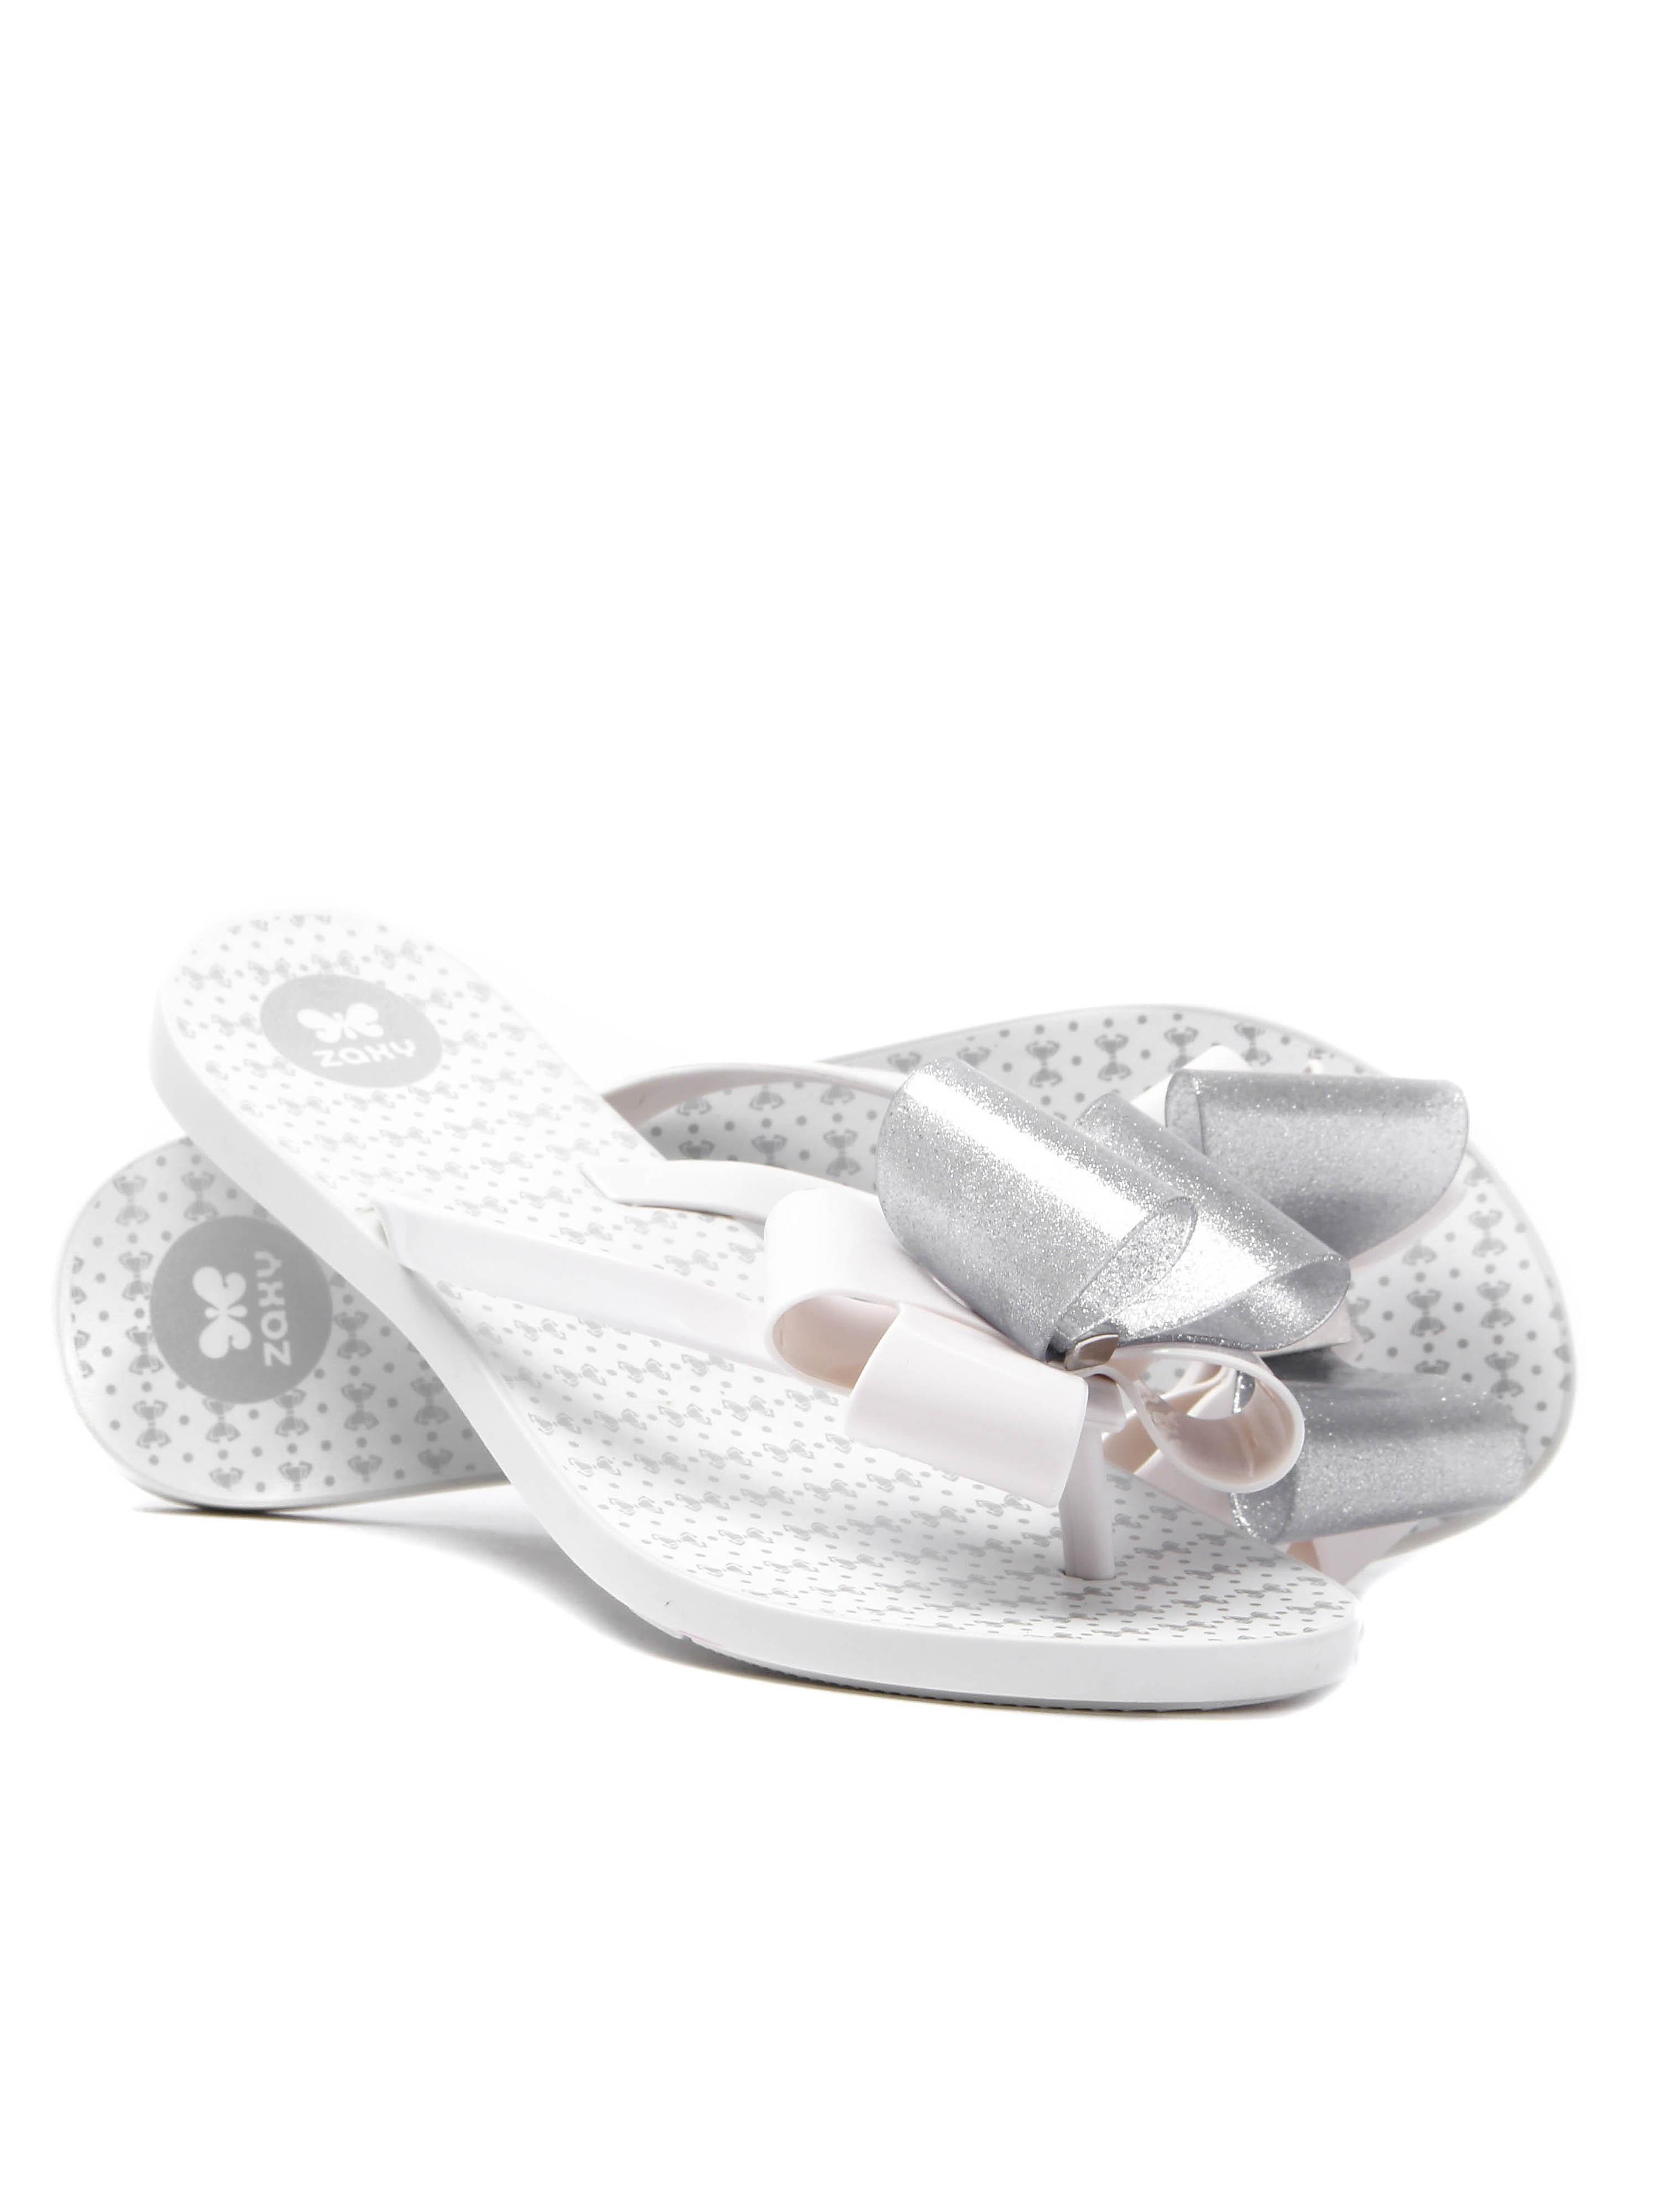 Zaxy Women's Link Twin Bow Flip Flop - White/Silver